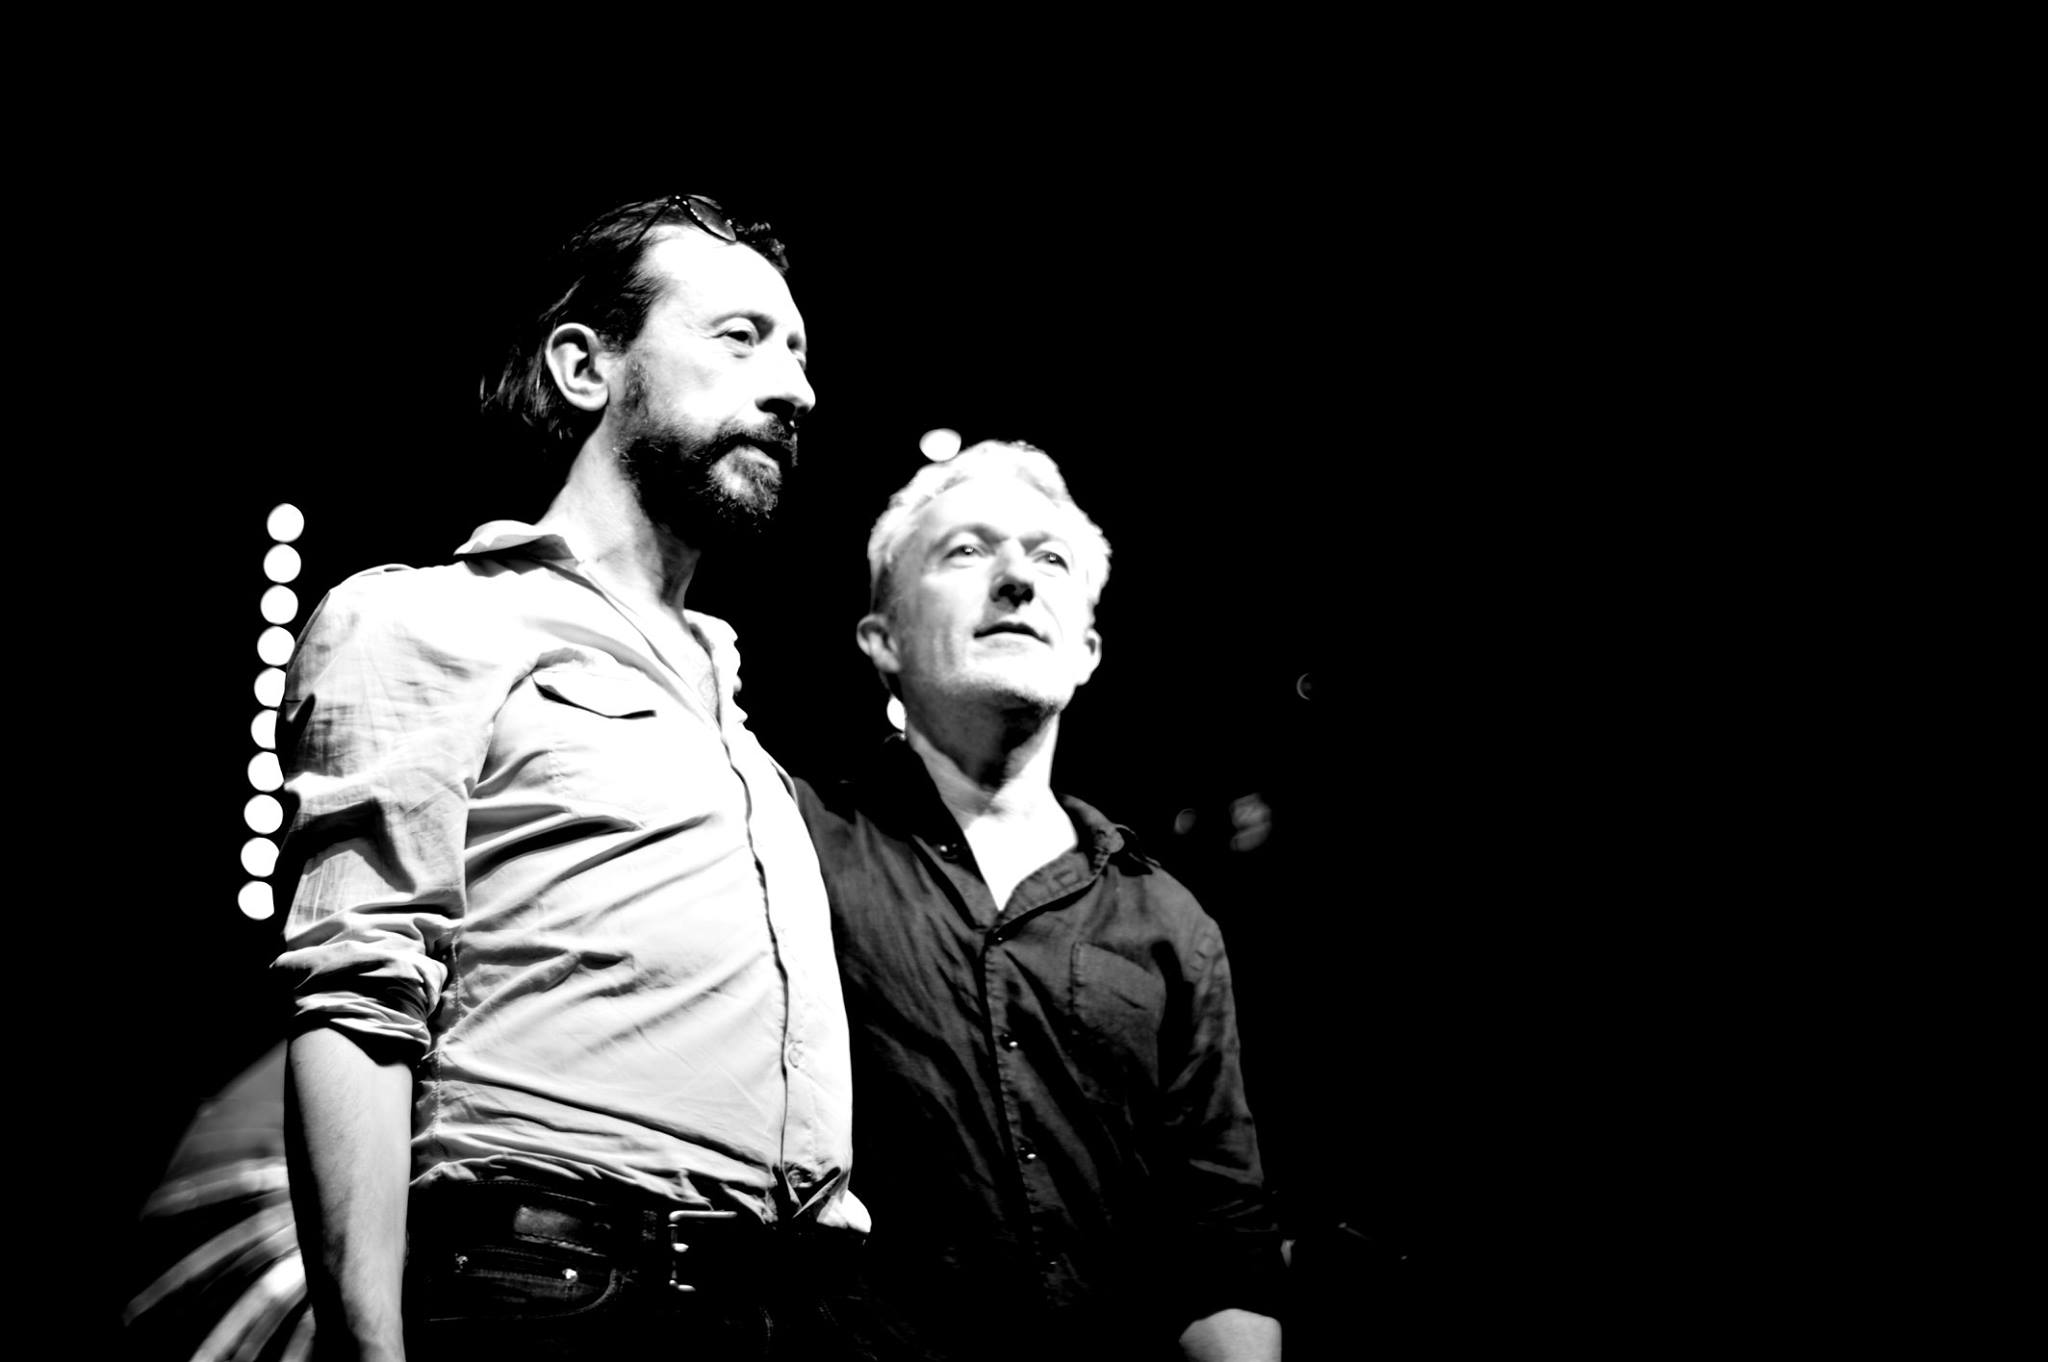 Les Innocents - Concert au Reflektor - Novembre 2015 - Benoît Demazy (20)